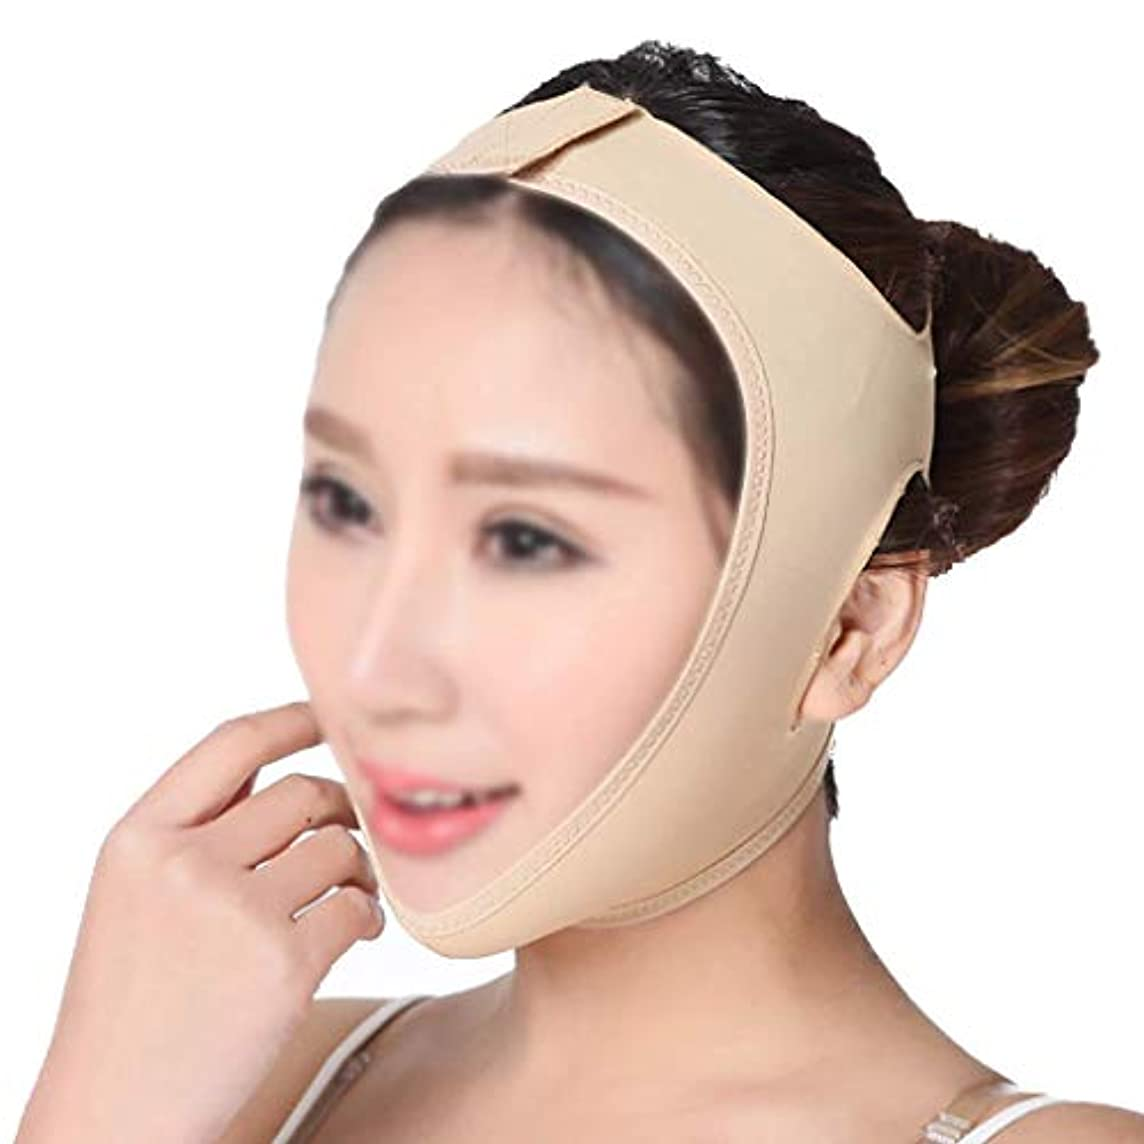 休憩ドラゴン推定するフェイスリフティングマスク、リフティングチン、フェイシャルスキン、頬垂れ防止、快適で 生地、詰まることを拒否、着用が簡単(サイズ:M),S